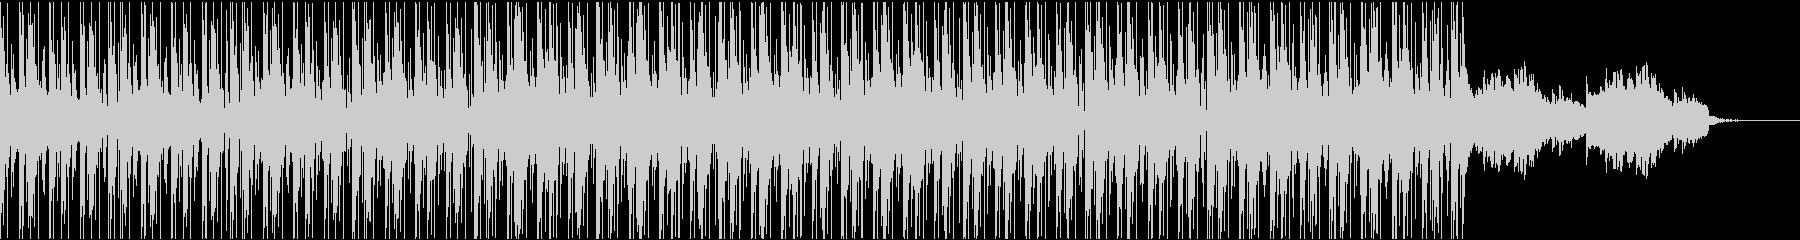 お洒落なピアノハウスBGMの未再生の波形